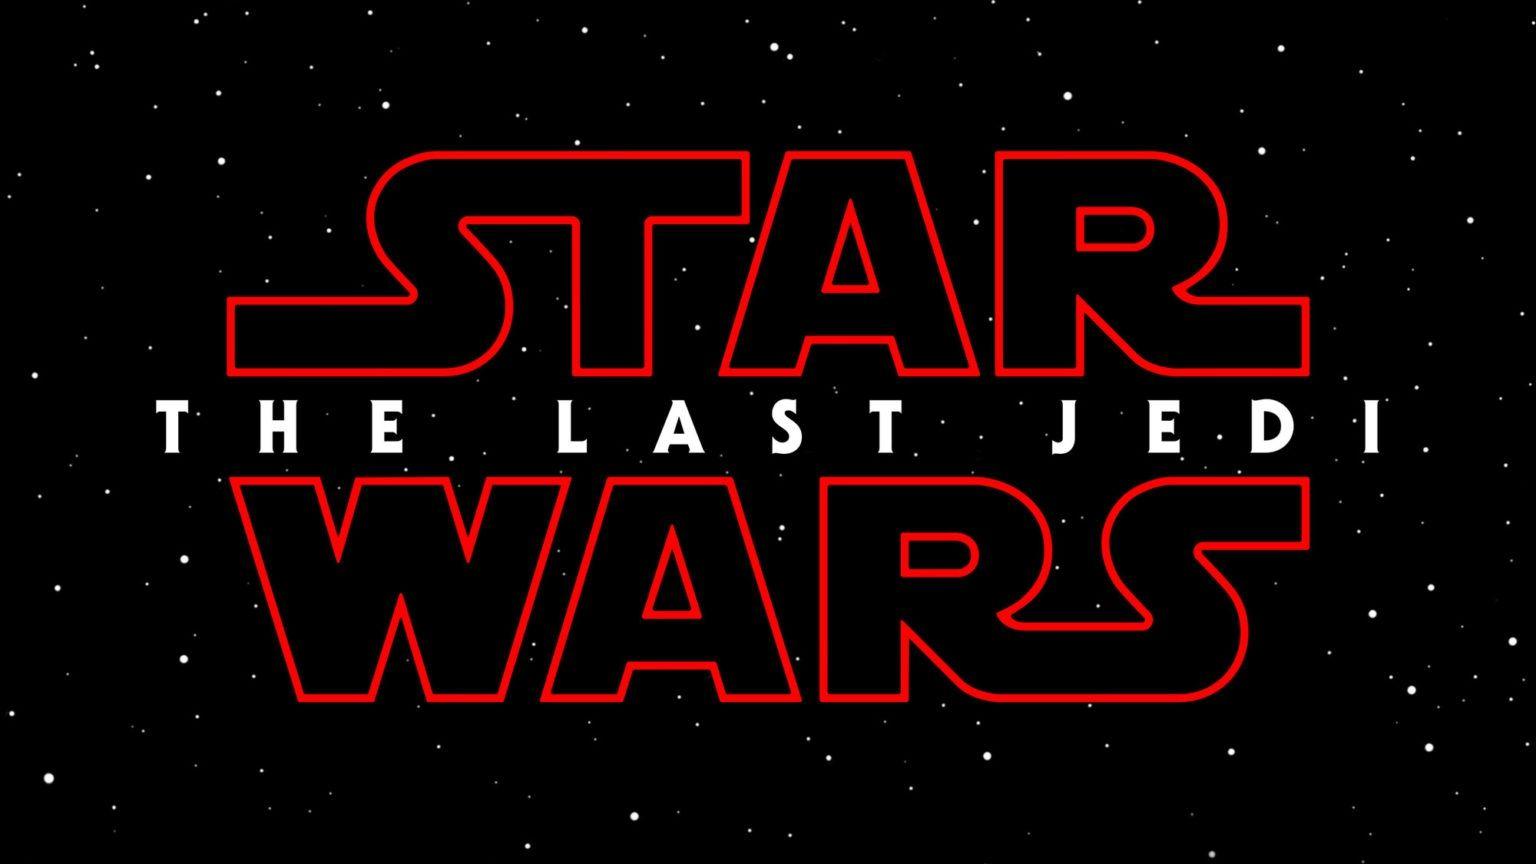 star-wars-8-last-jedi.jpg